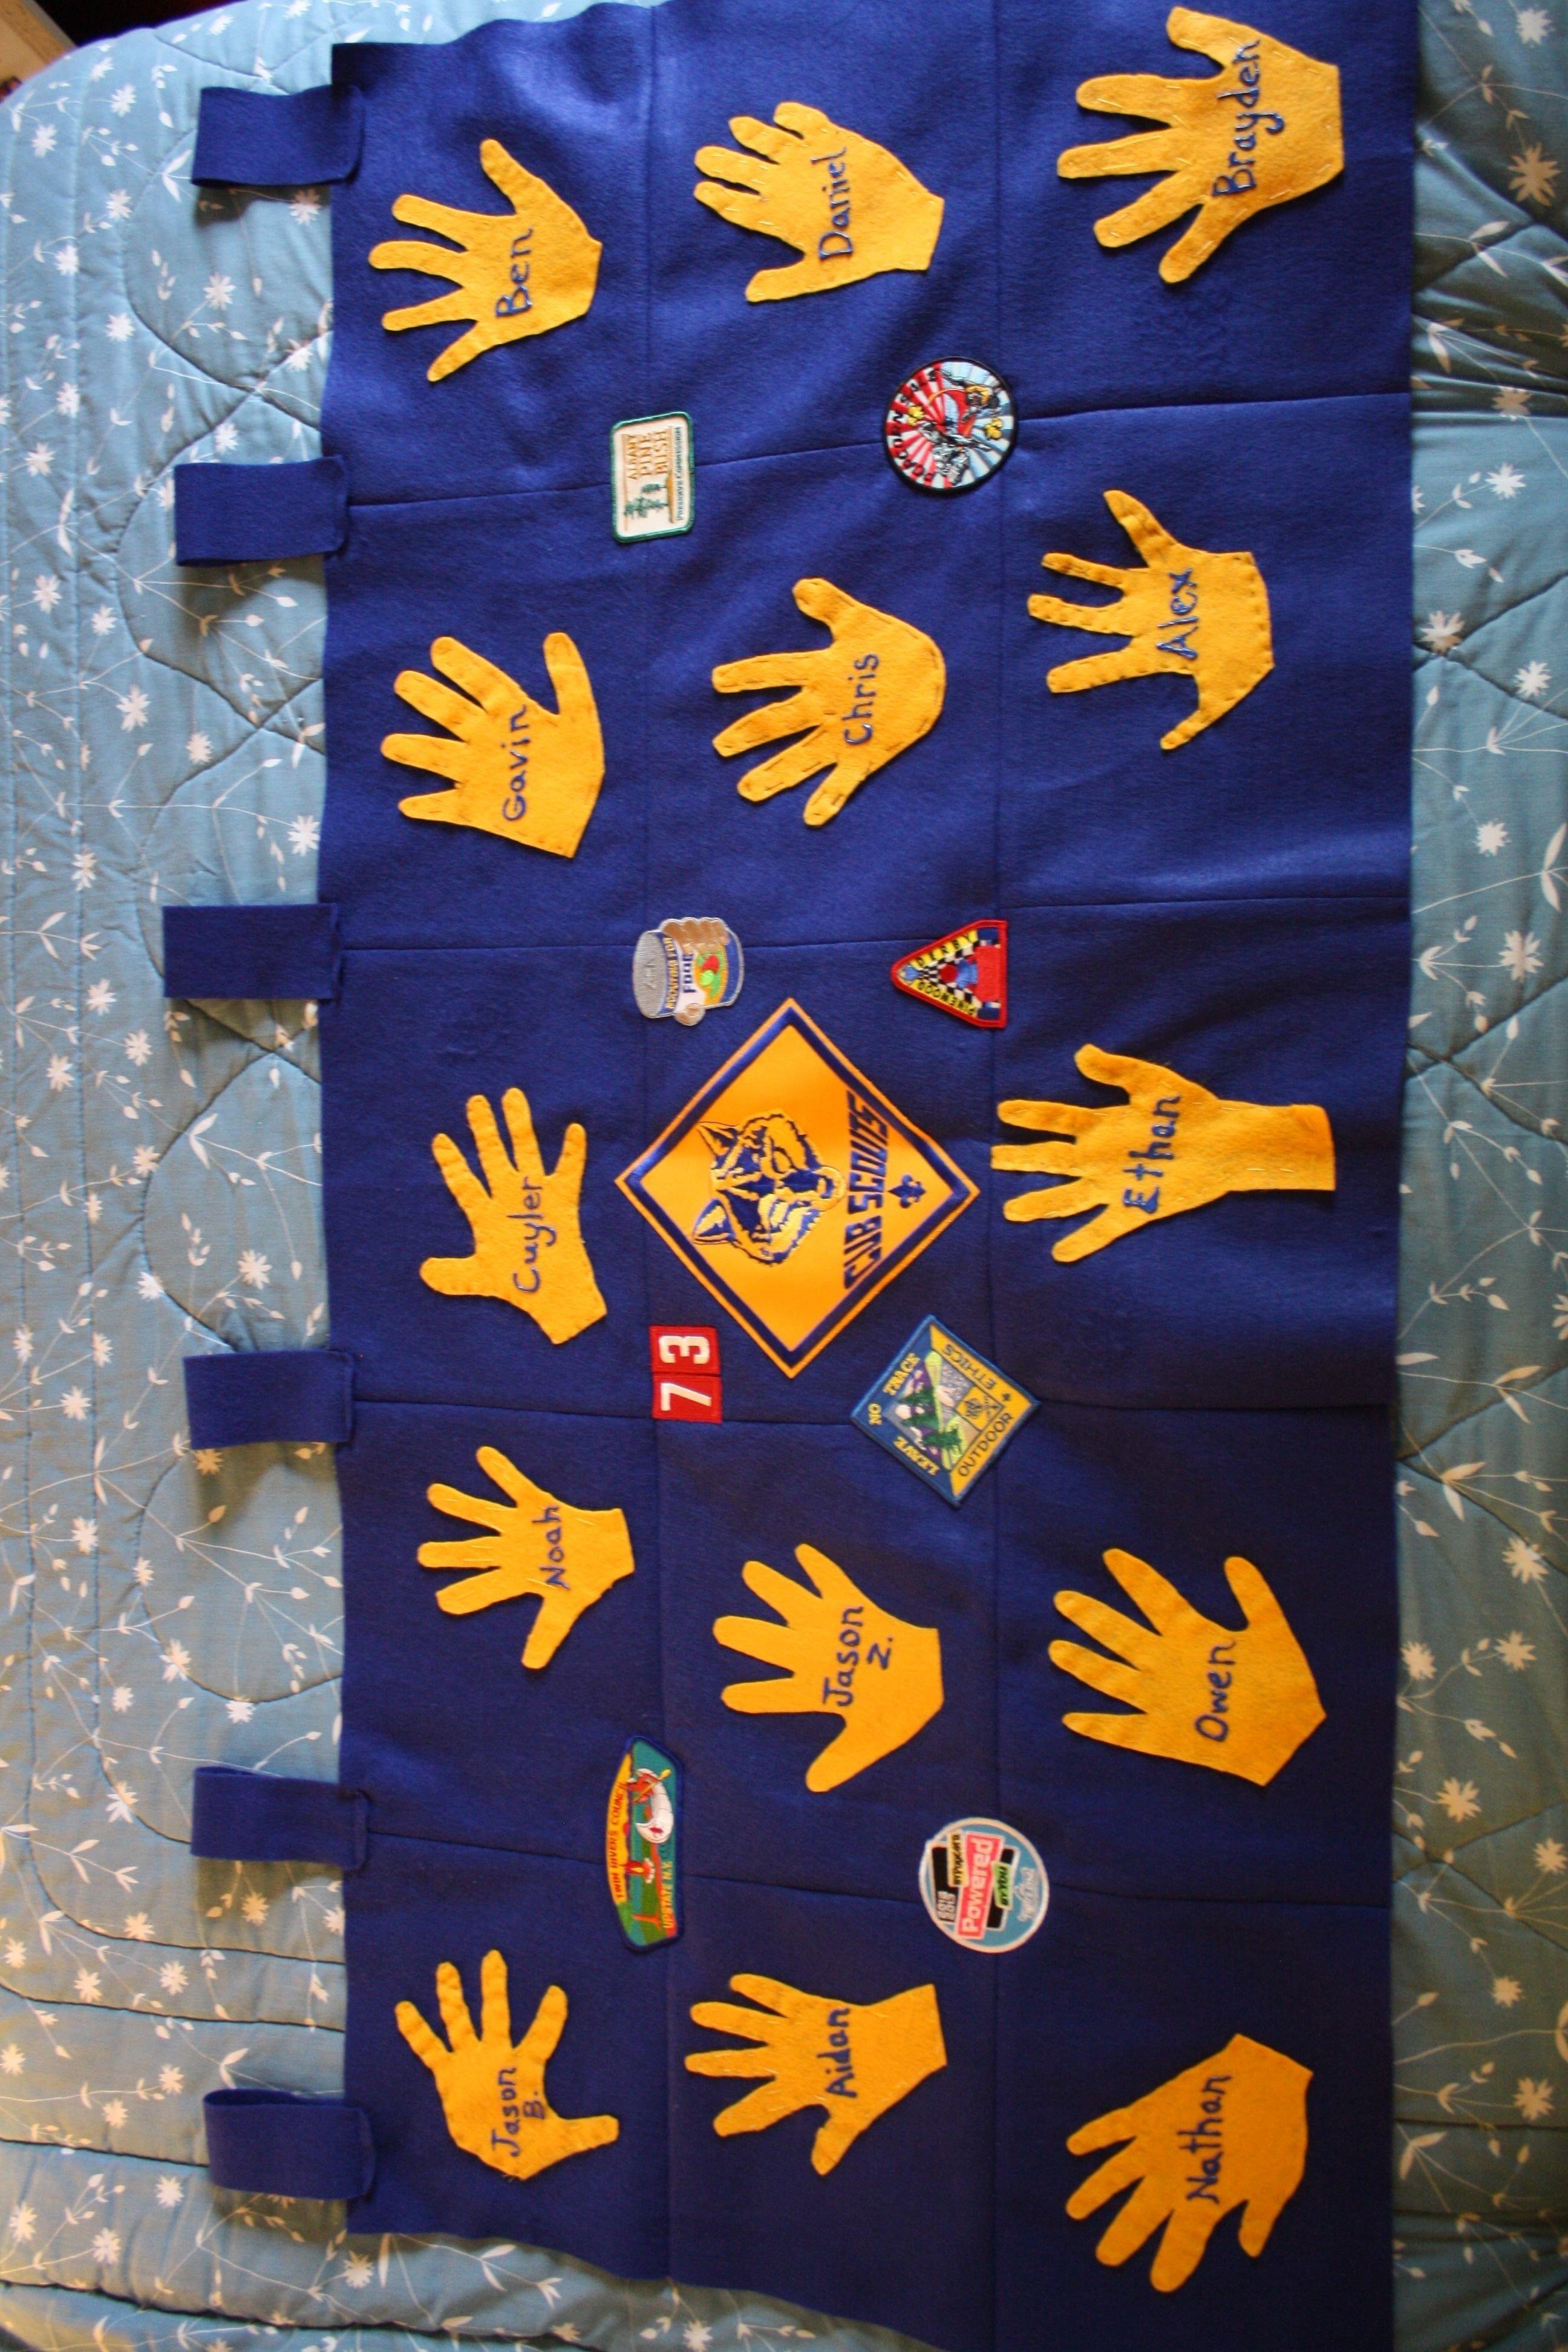 10 Pretty Cub Scout Den Flag Ideas cub scout den flags ideas cub scouts pinterest flags 2020